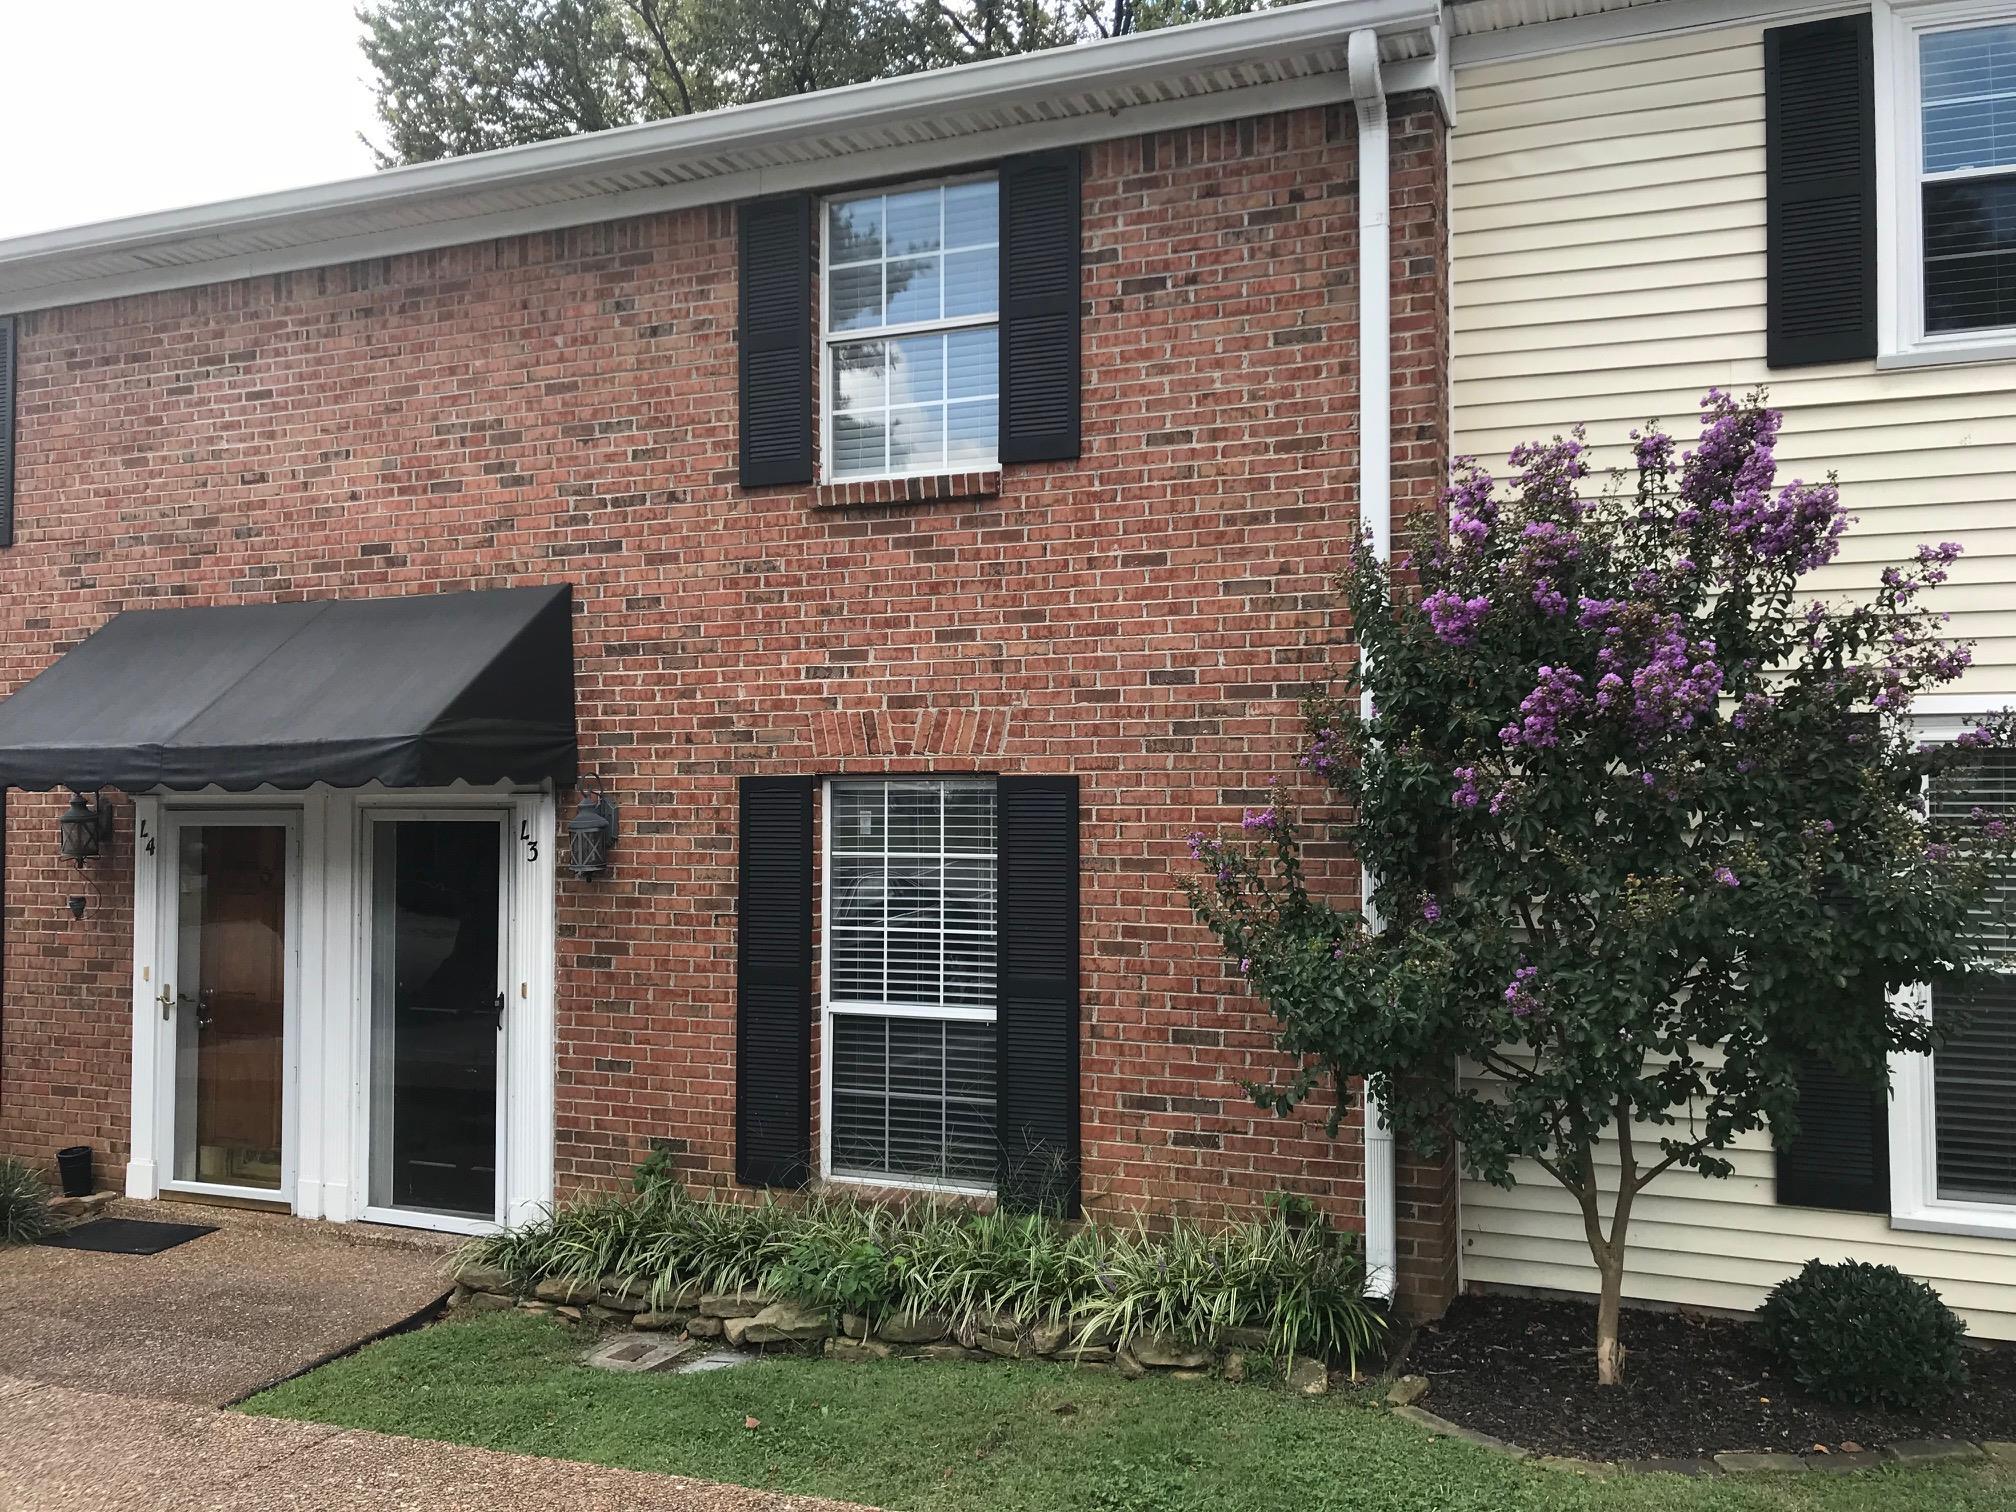 200 Royal Oaks Blvd Apt L3 L3, Franklin, TN 37067